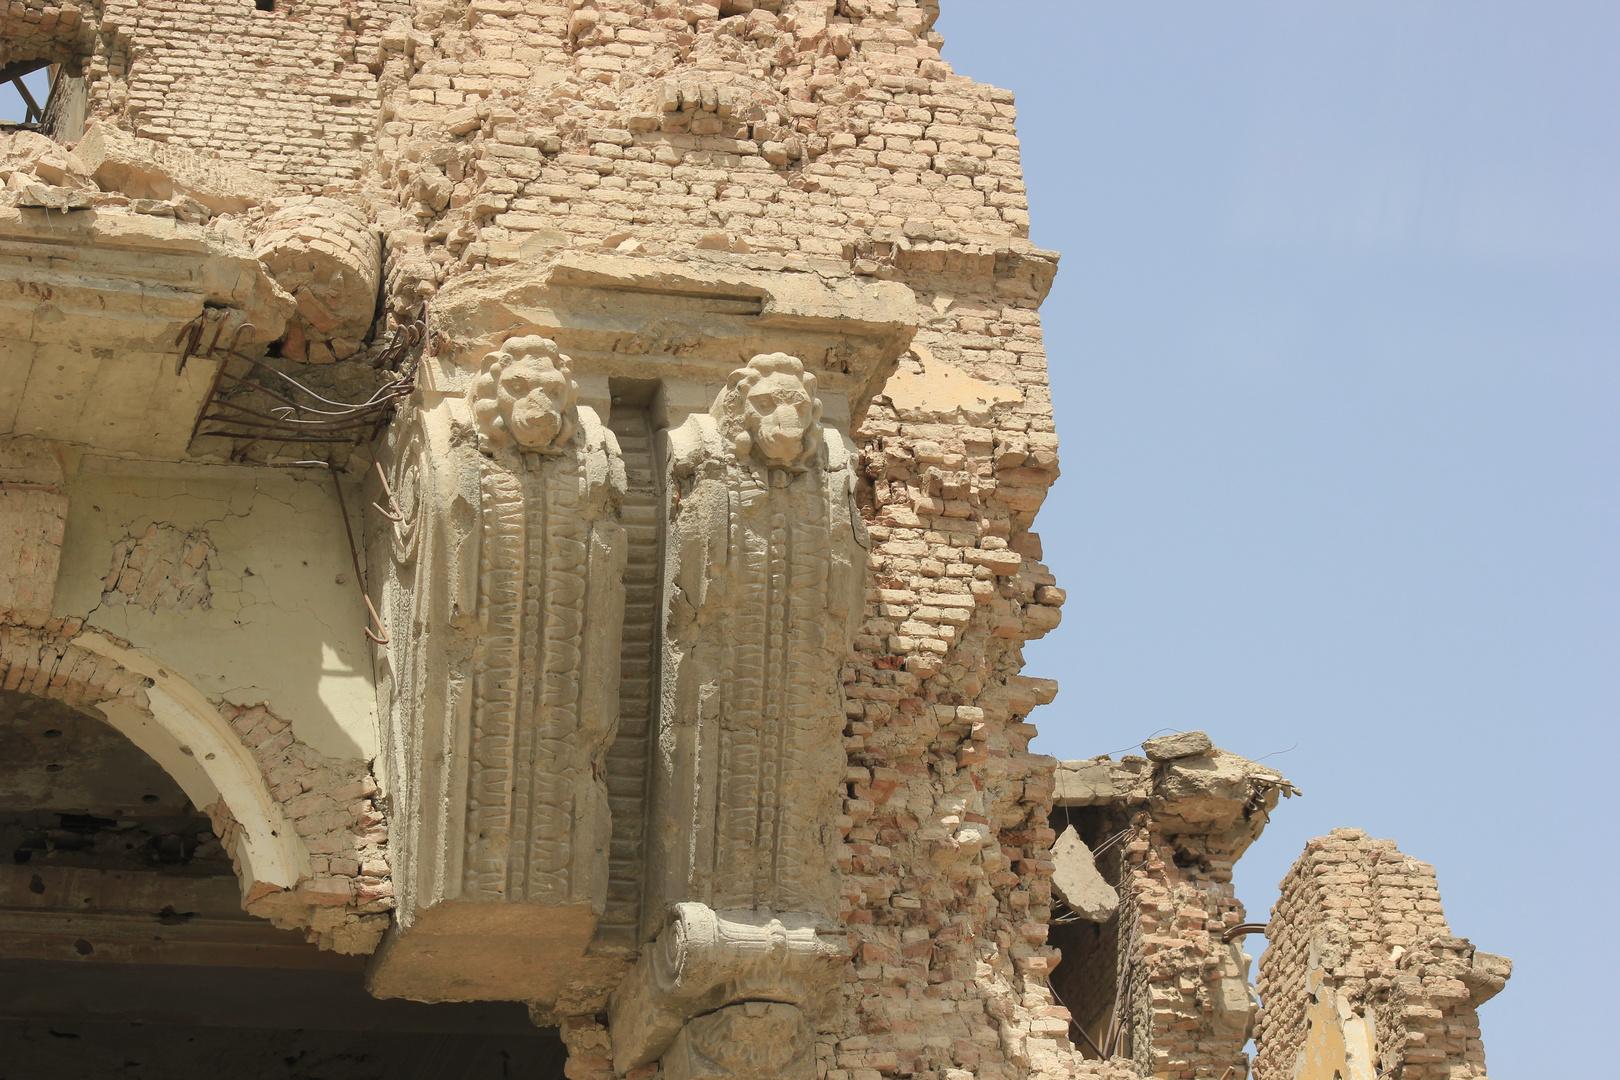 Die Löwen haben überlebt, Darulaman Schloß Kabul